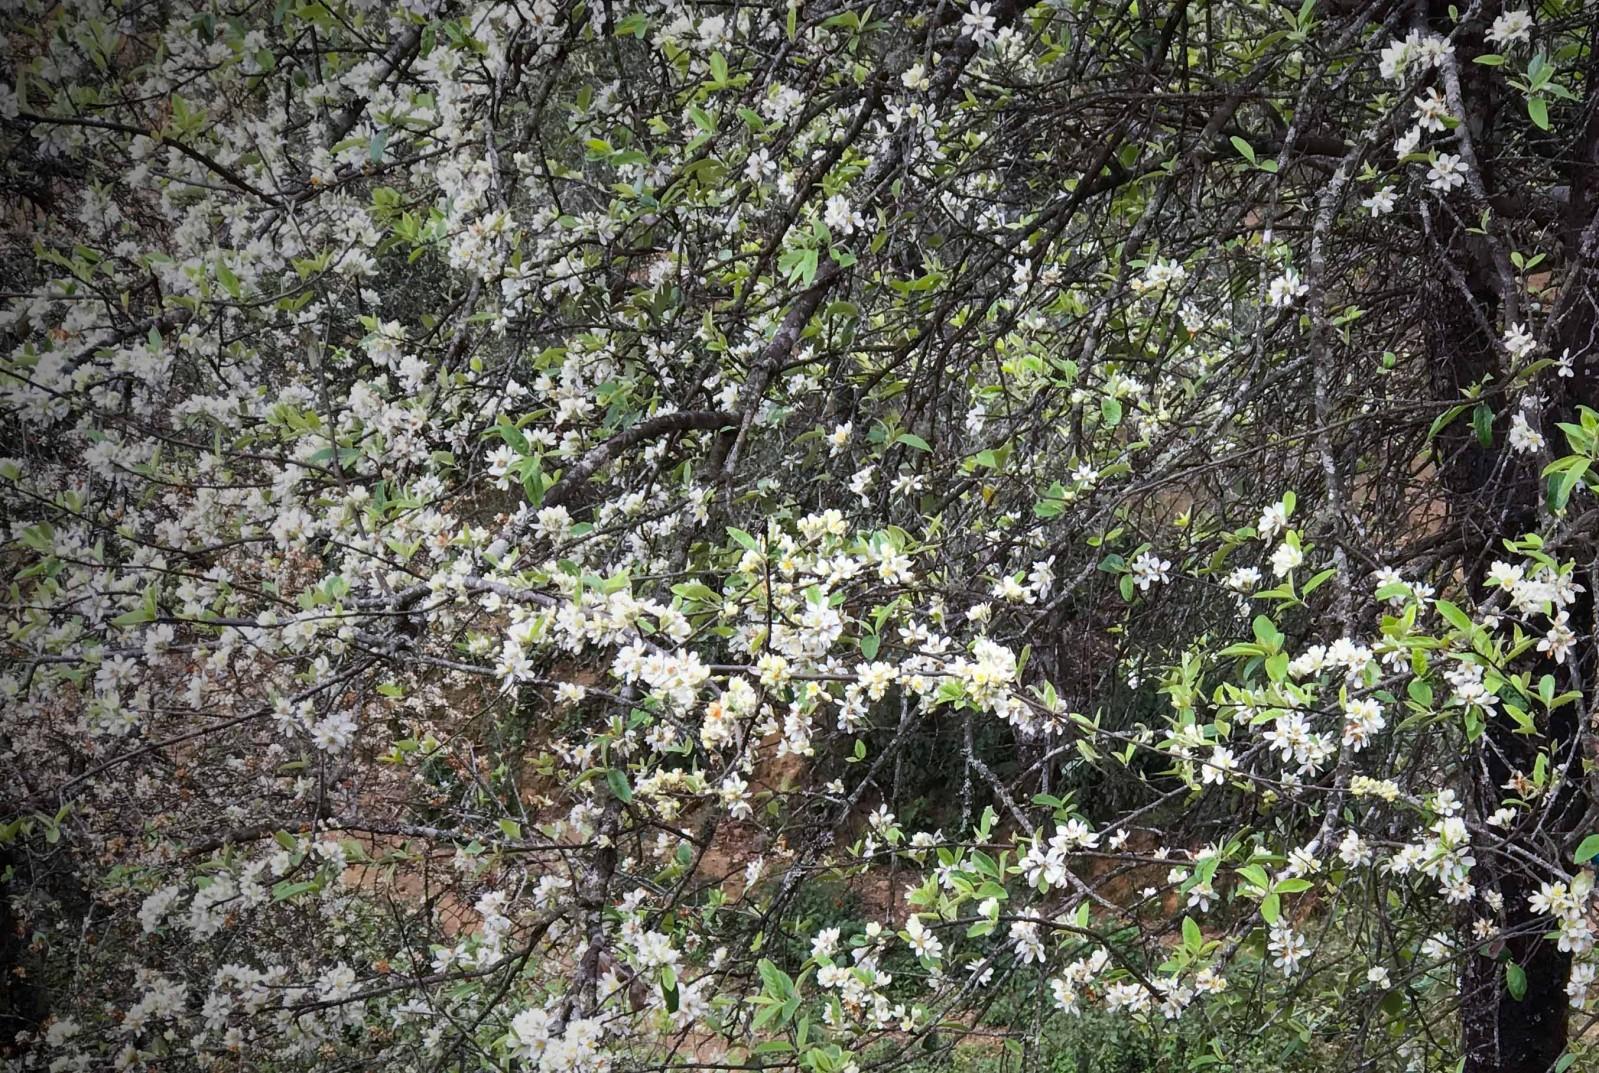 Những bông hoa táo mèo nở bung trên những thân cành mốc thếch sau nhiều tháng ngủ đông.